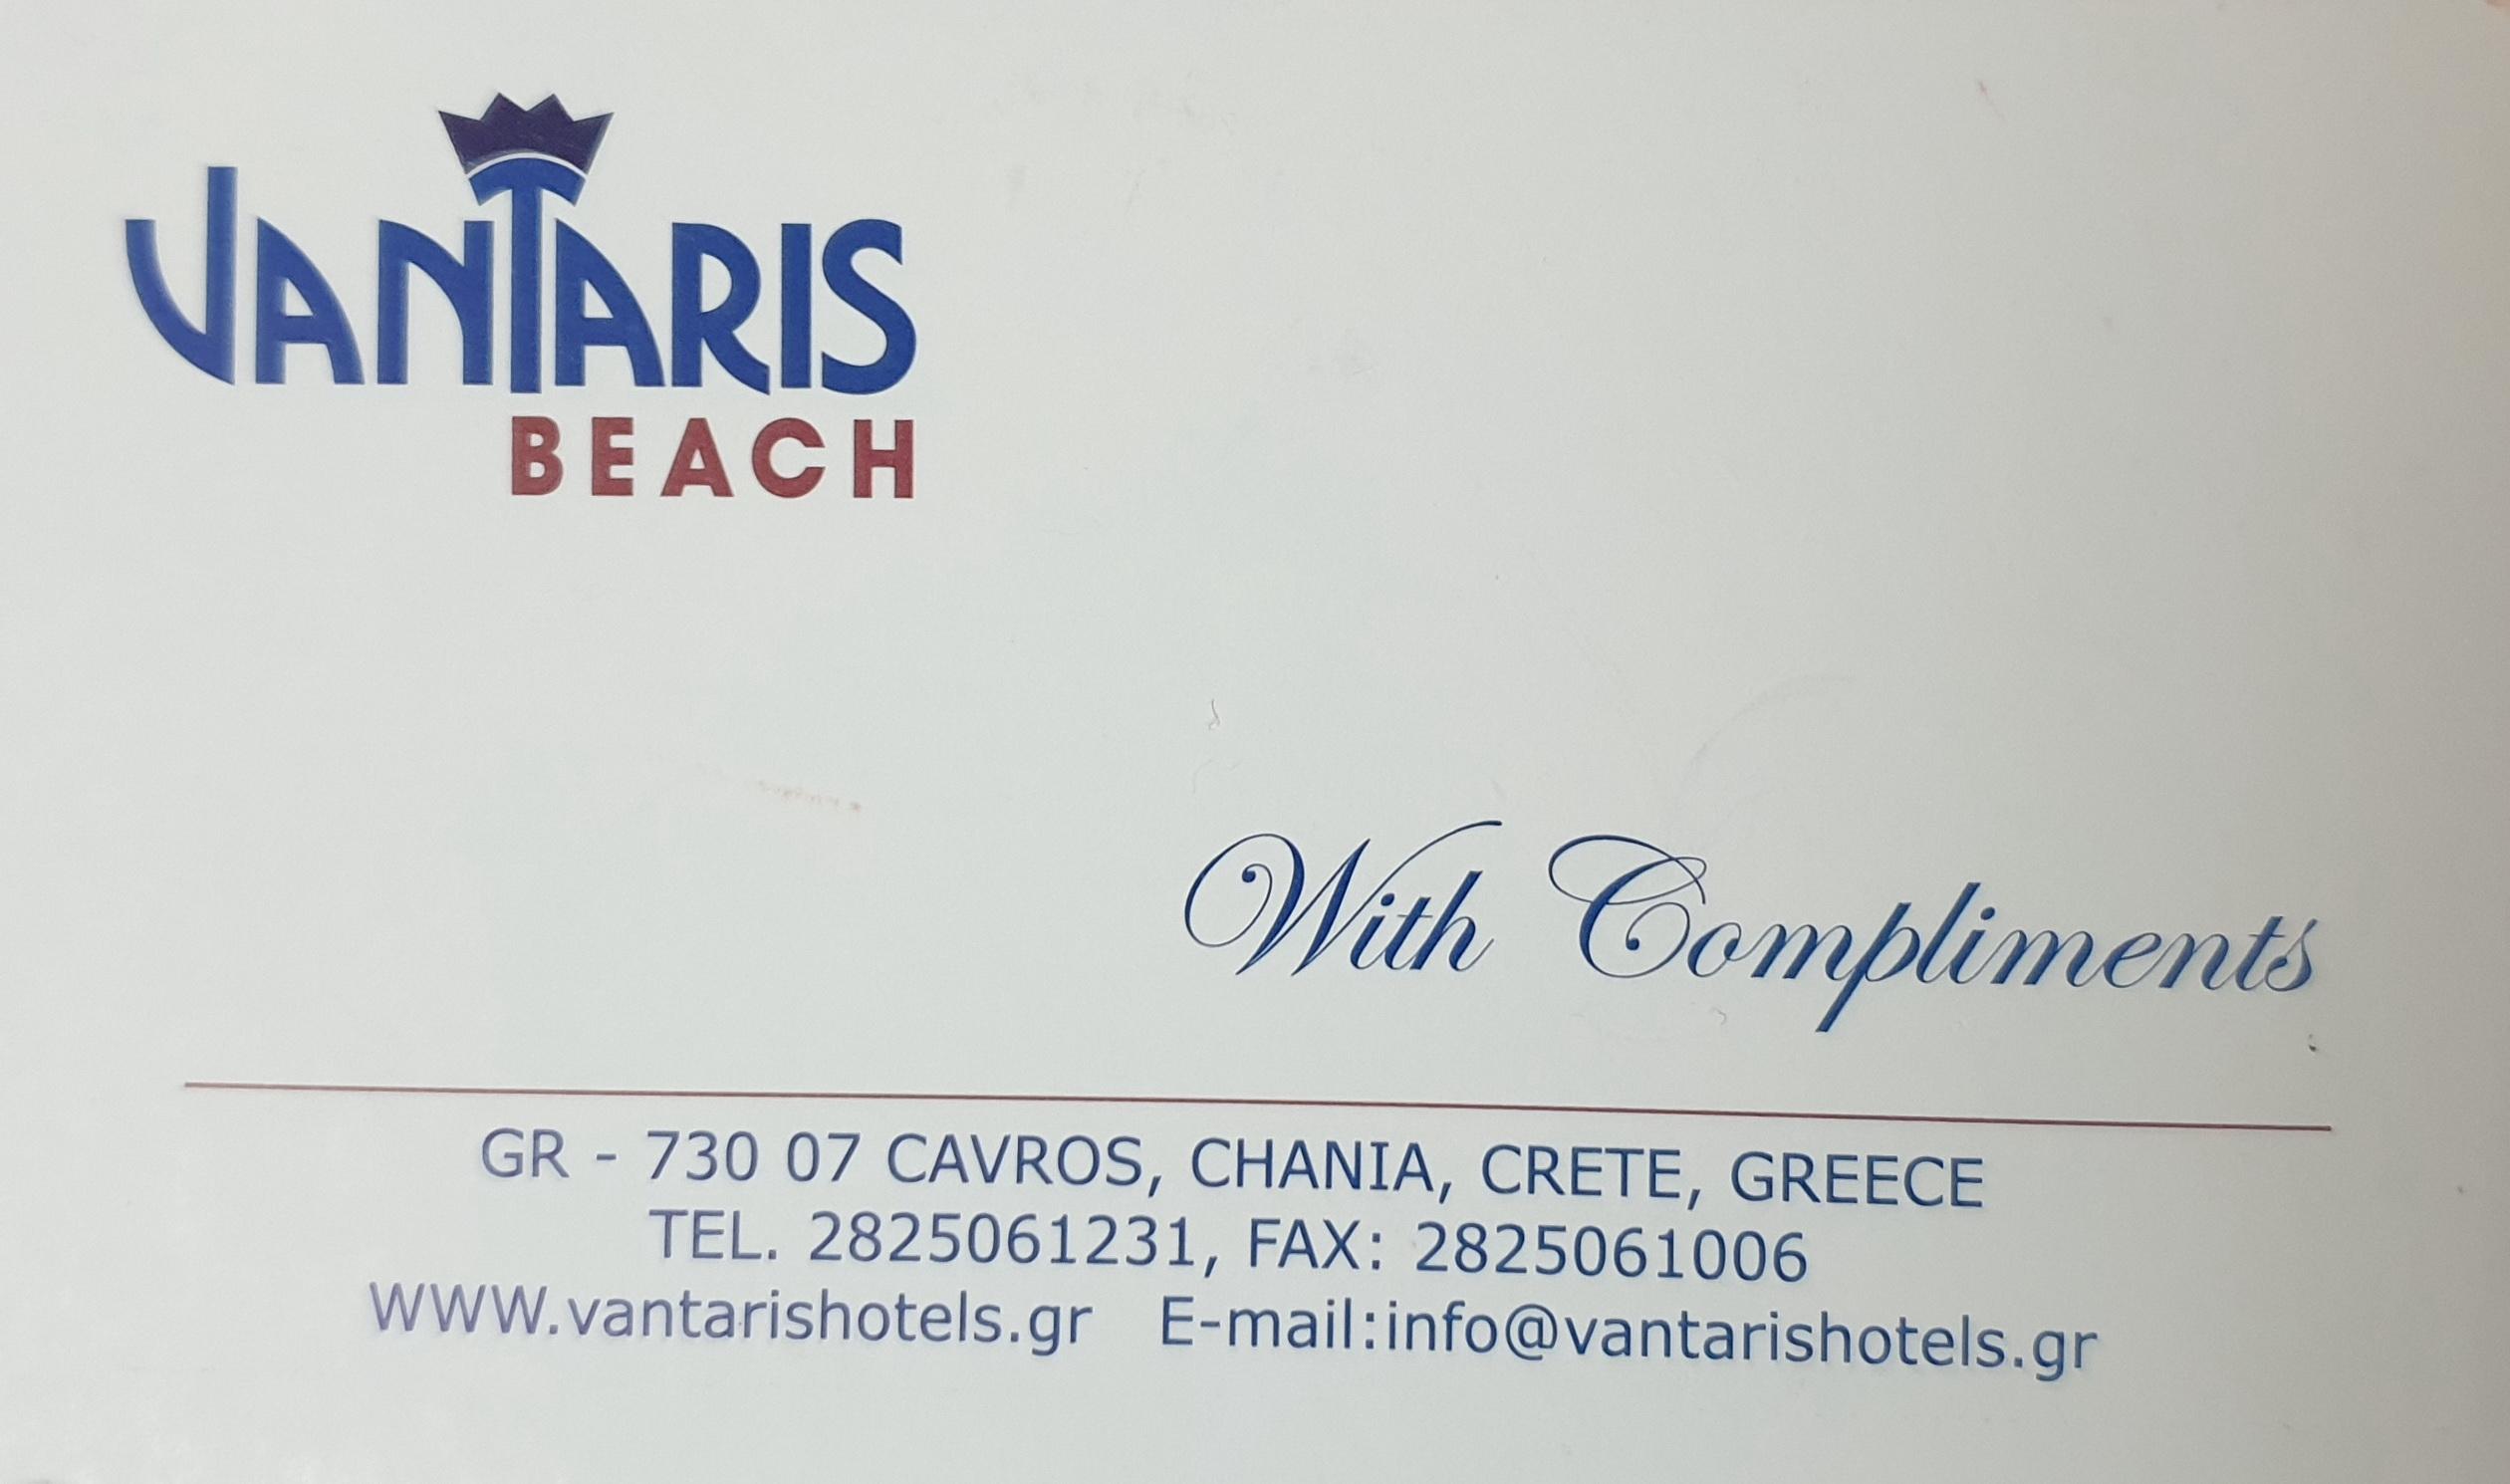 Отель Vantaris Beach - визитка